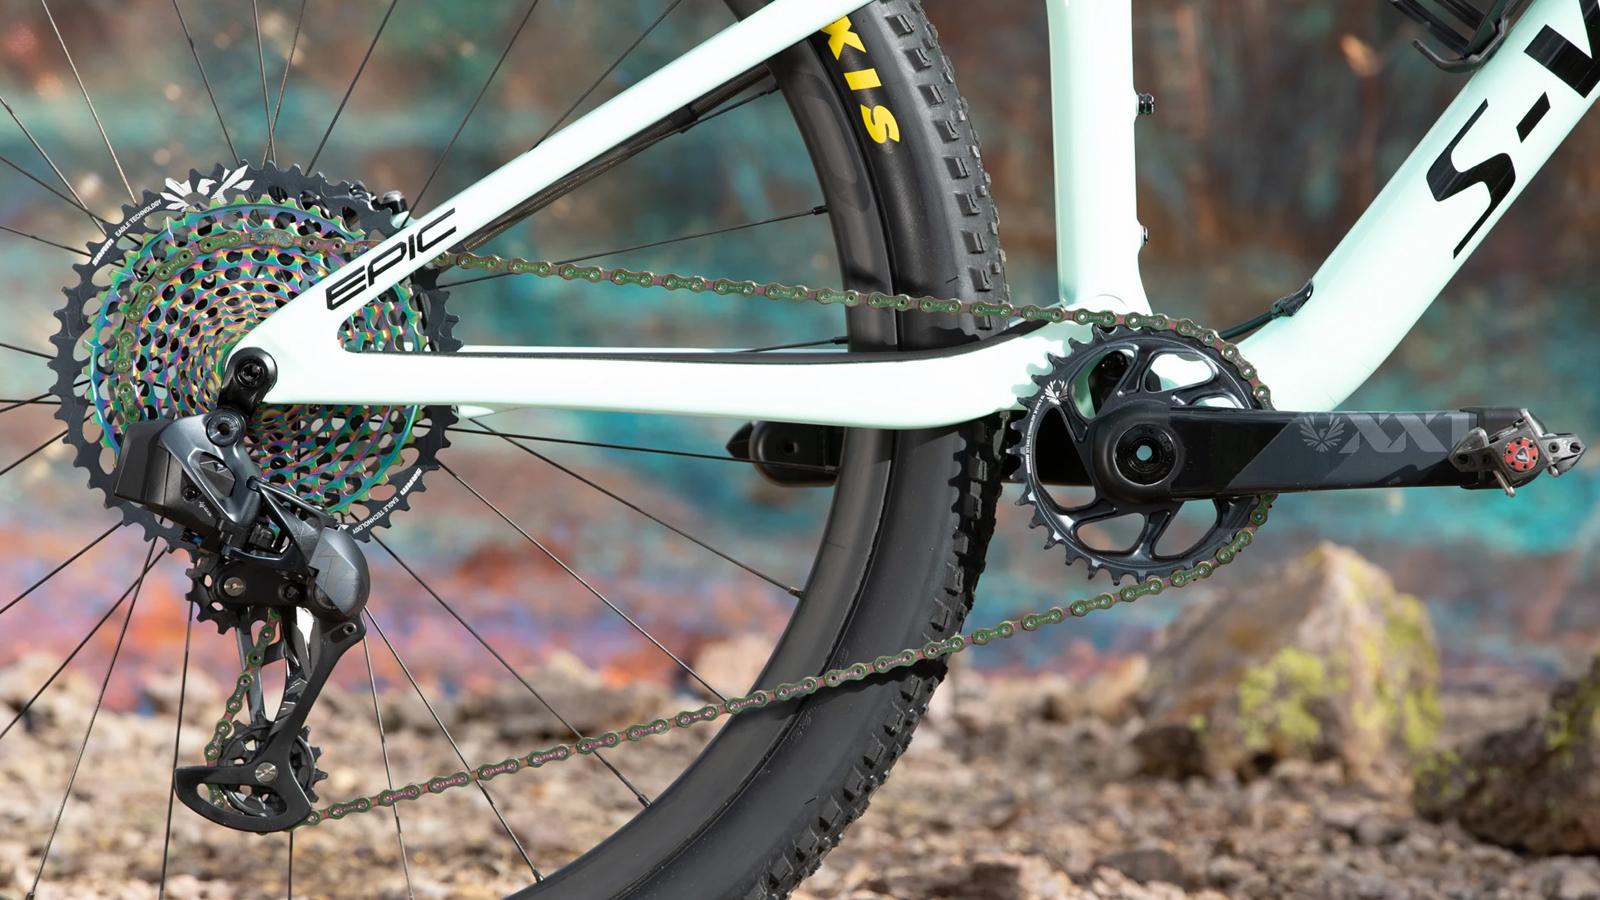 SRAM SX Eagle Mountain Bike MTB Cycle Rear Derailleur